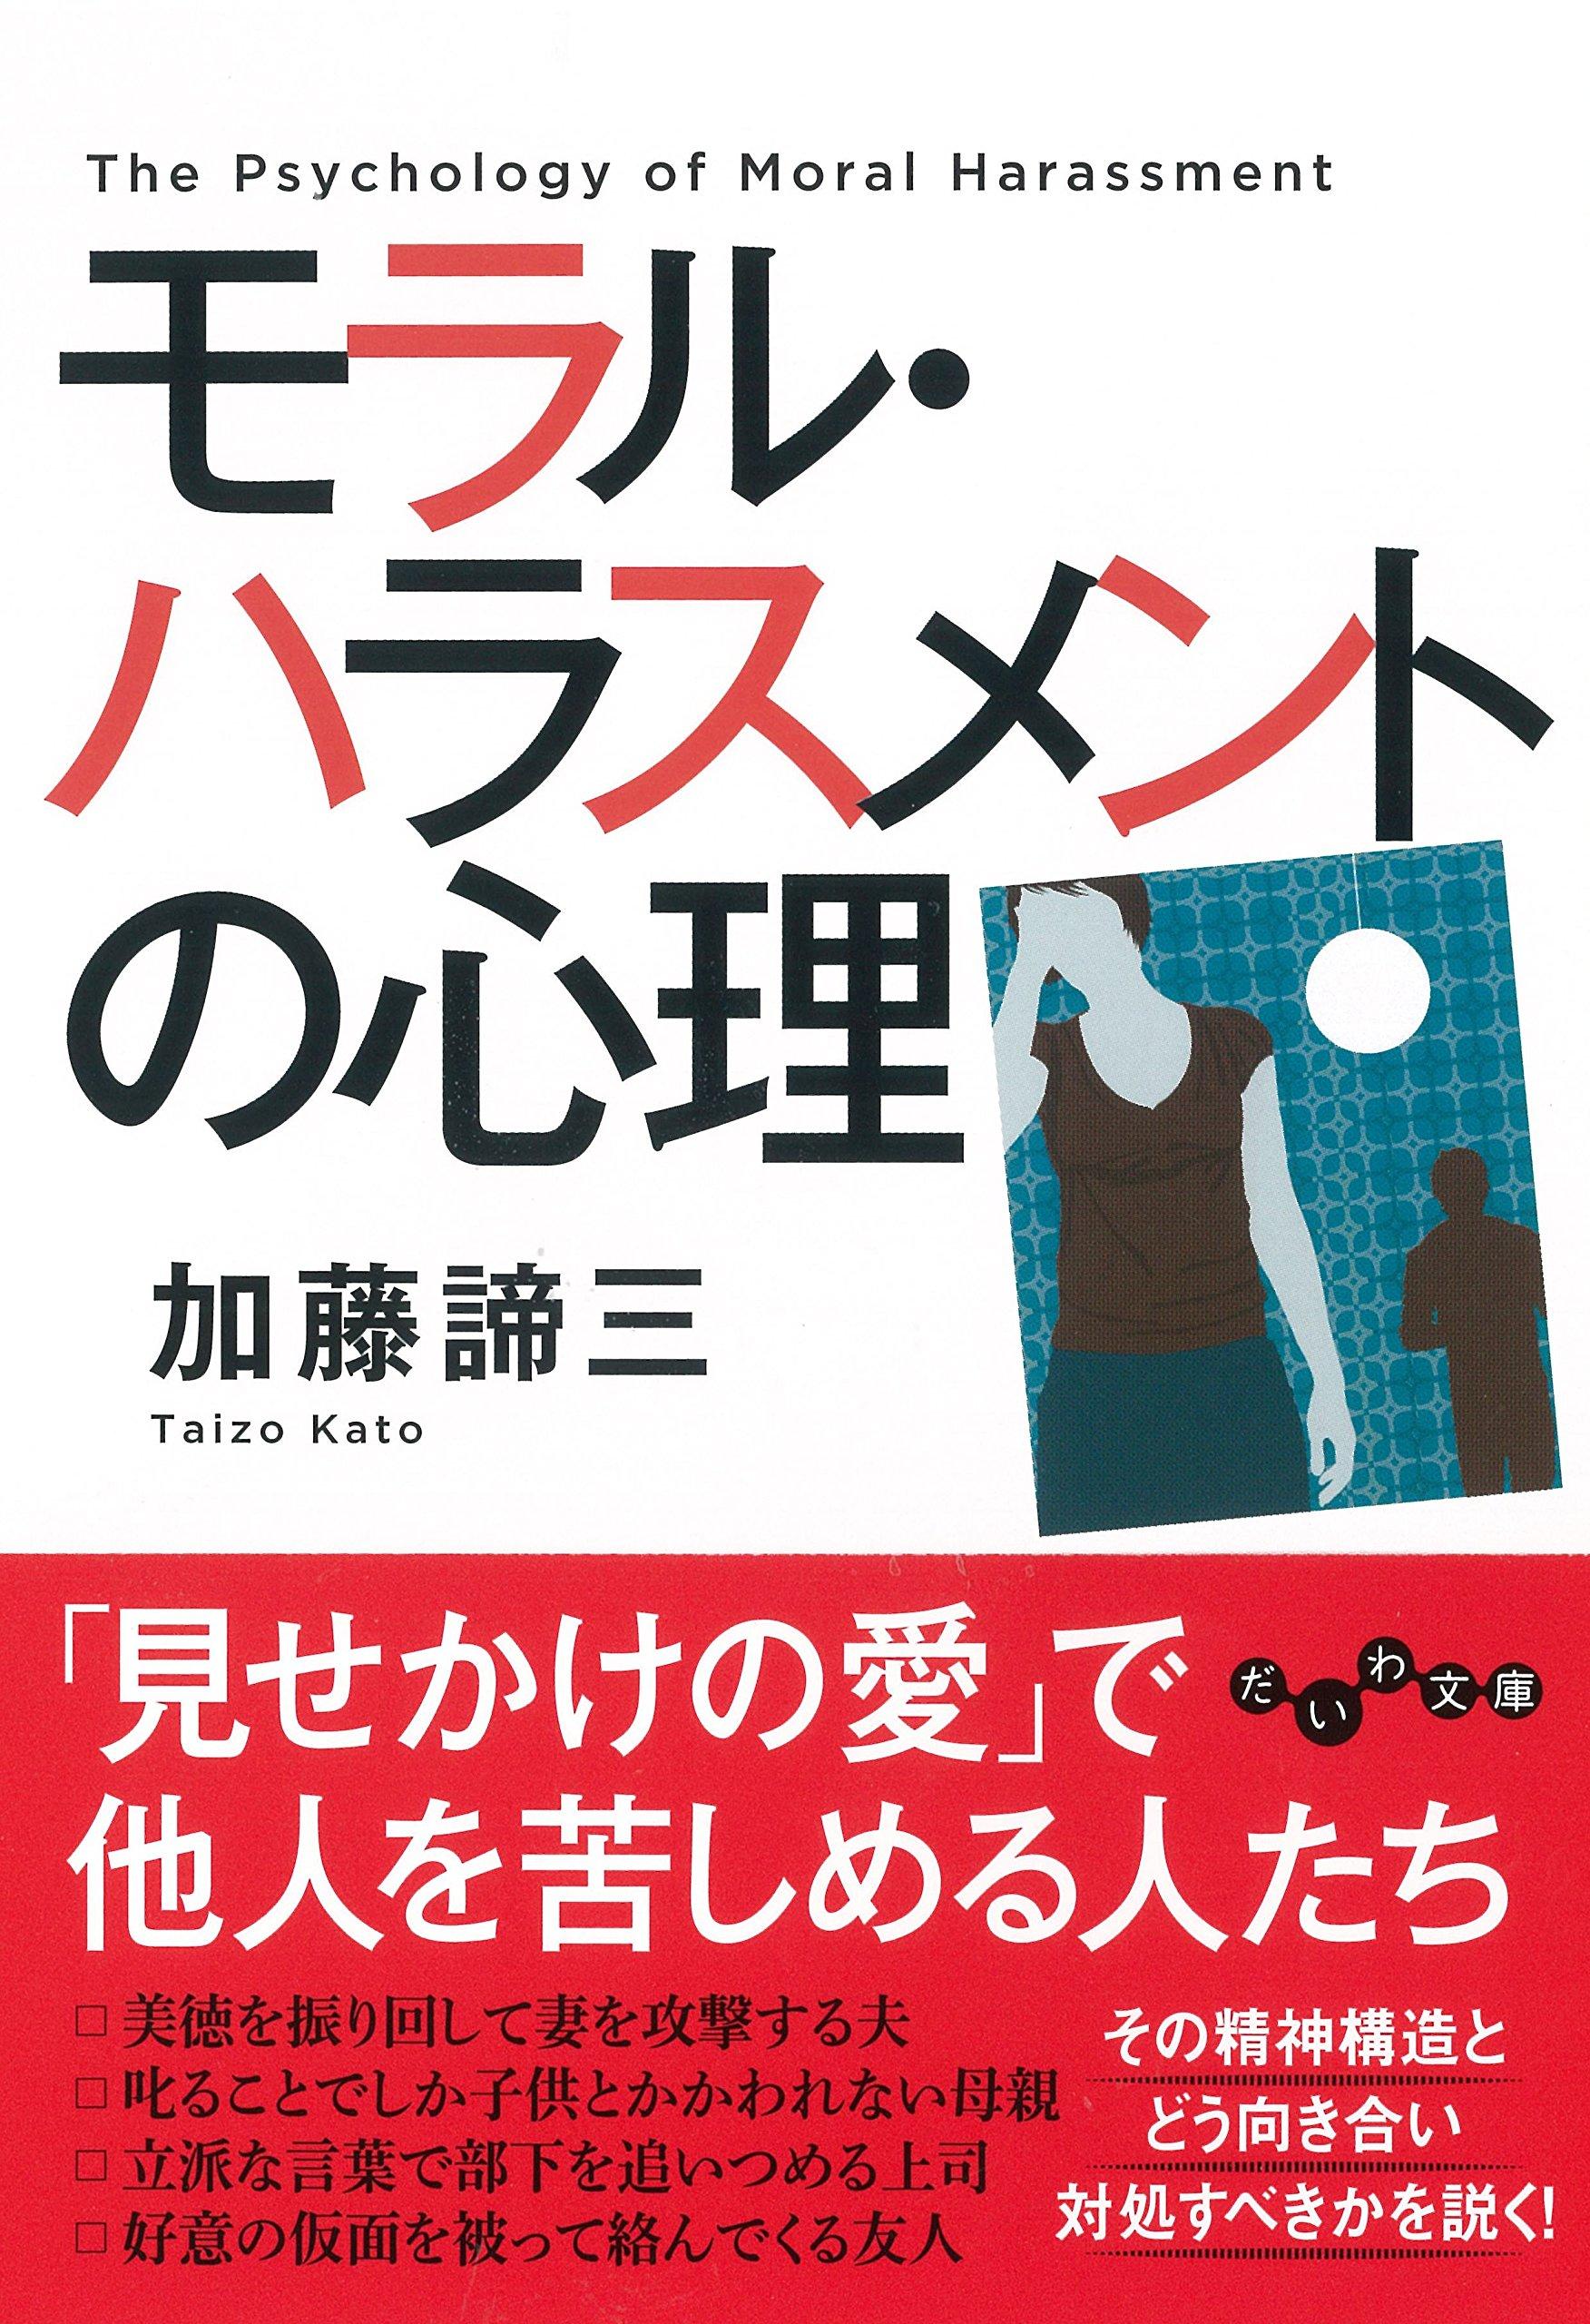 モラル・ハラスメントの心理 加藤諦三